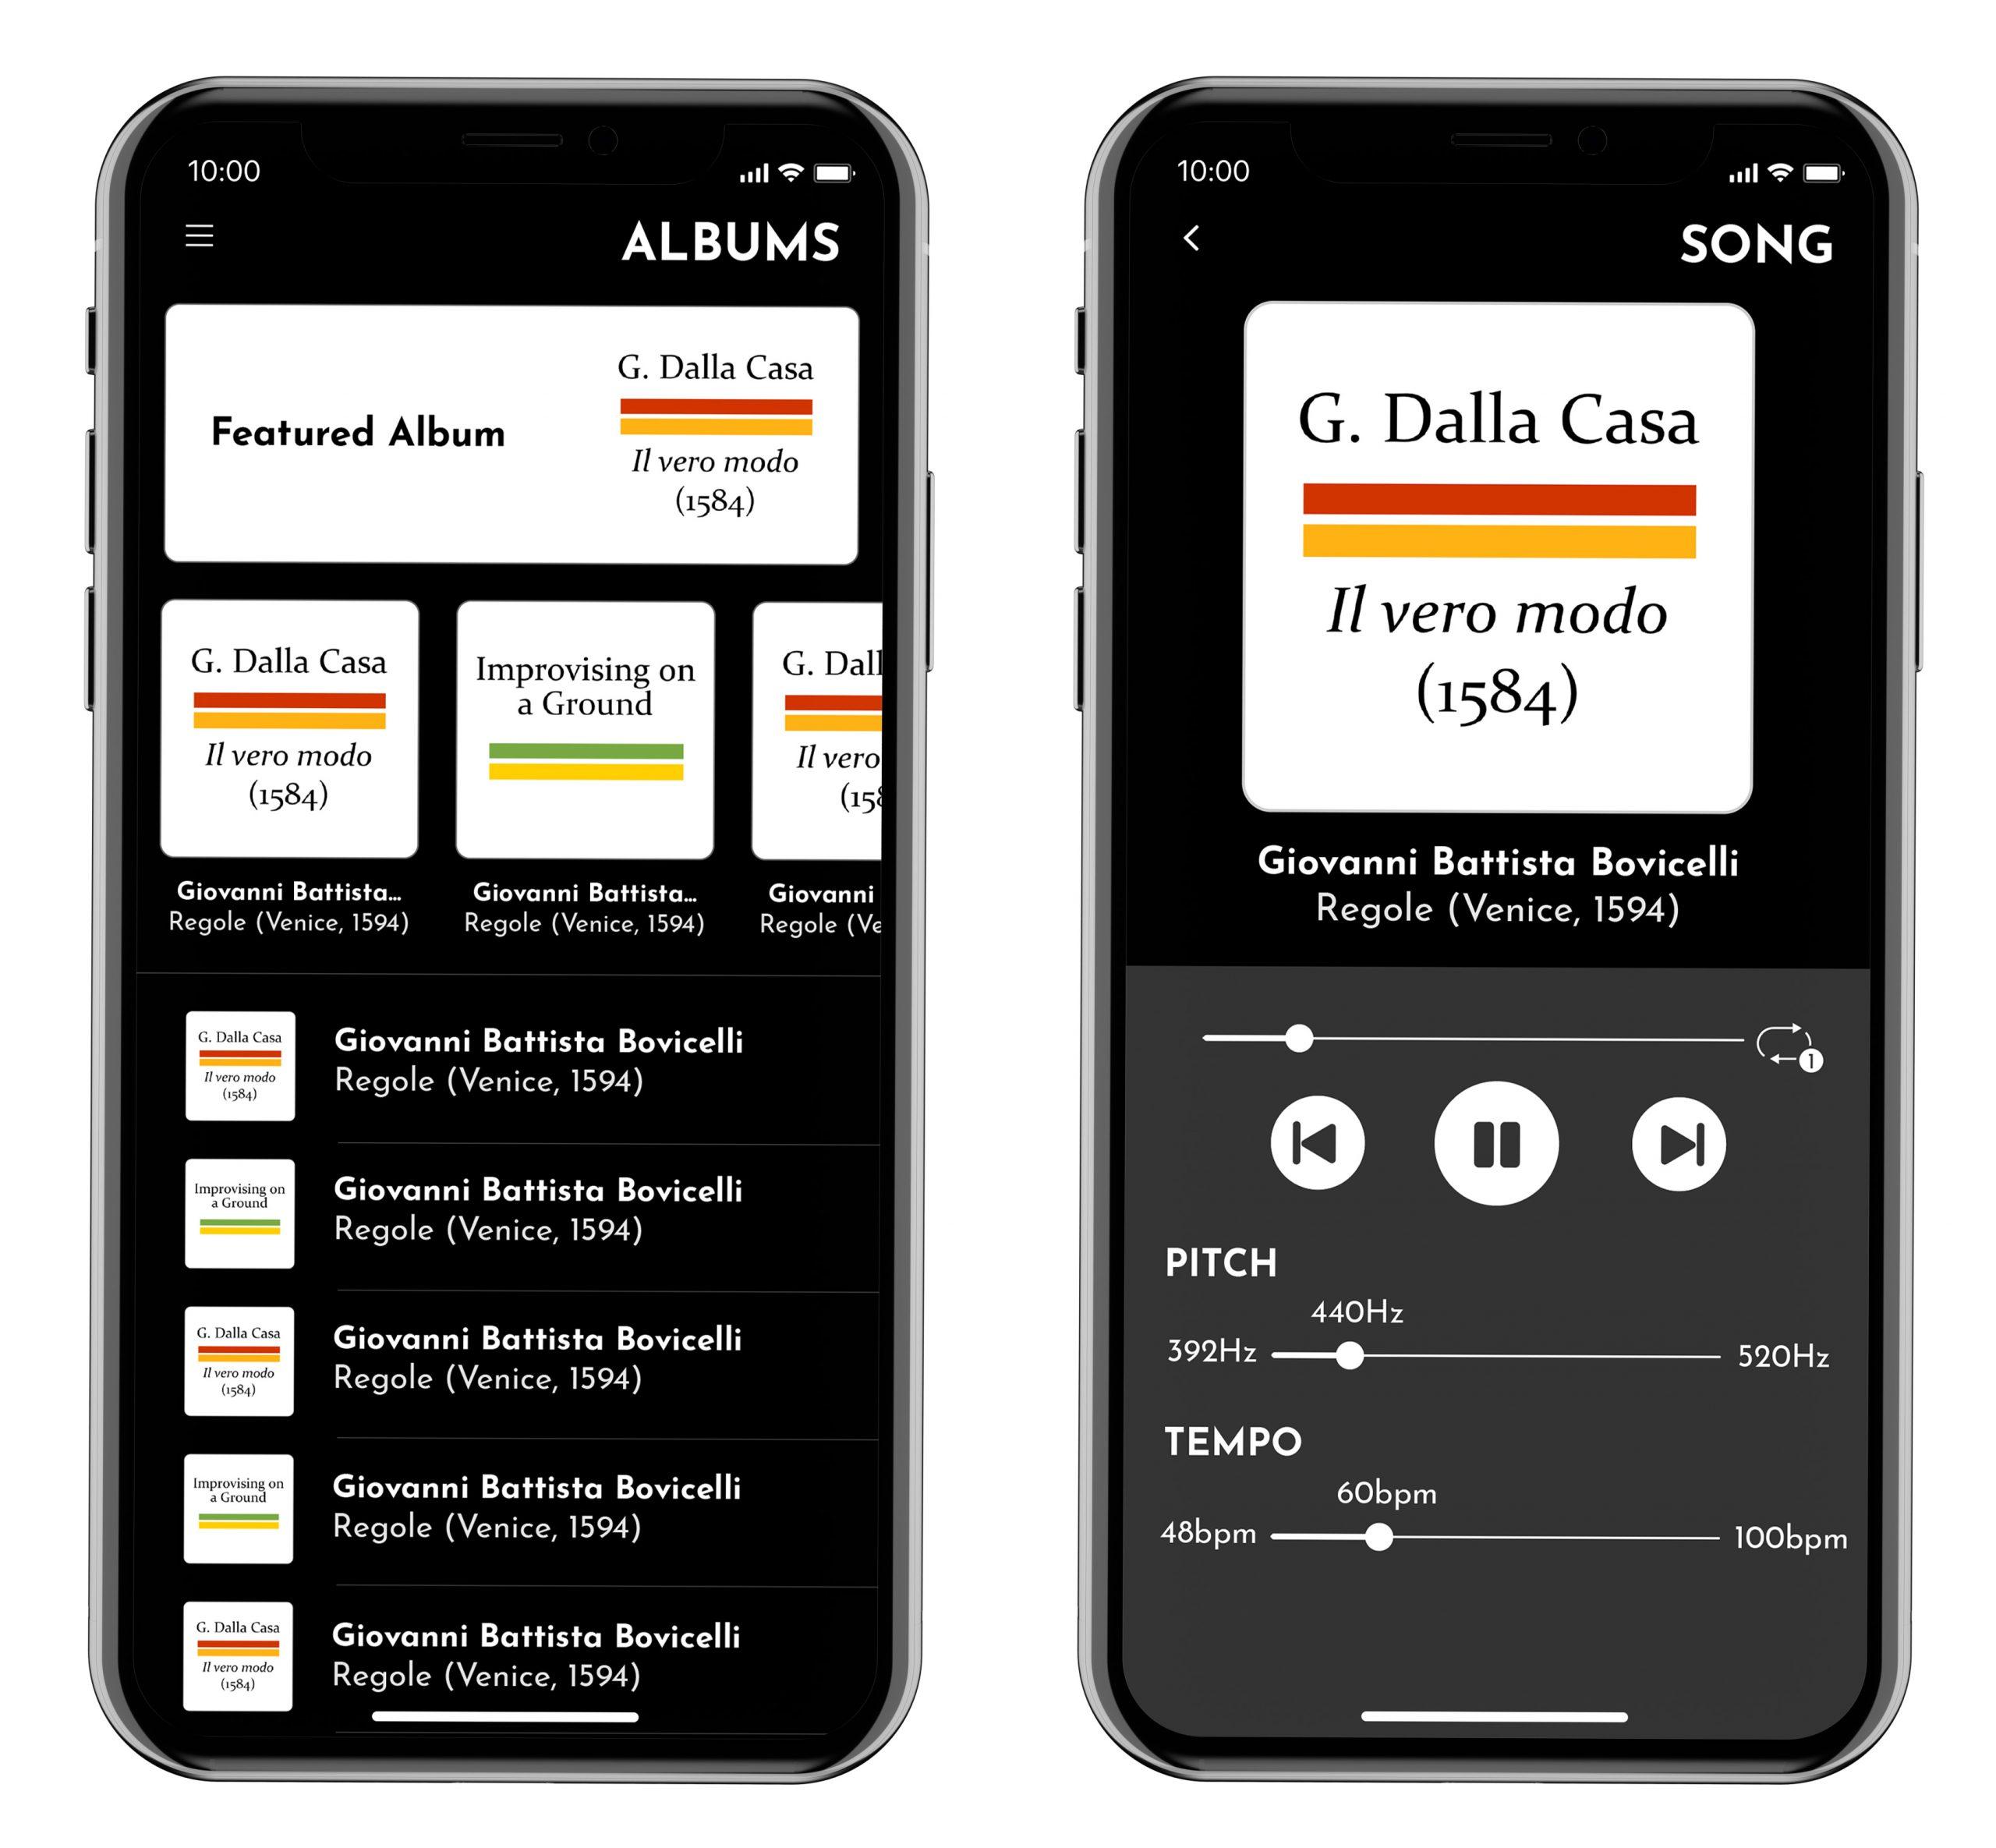 Passaggi iOS & Android Music App image